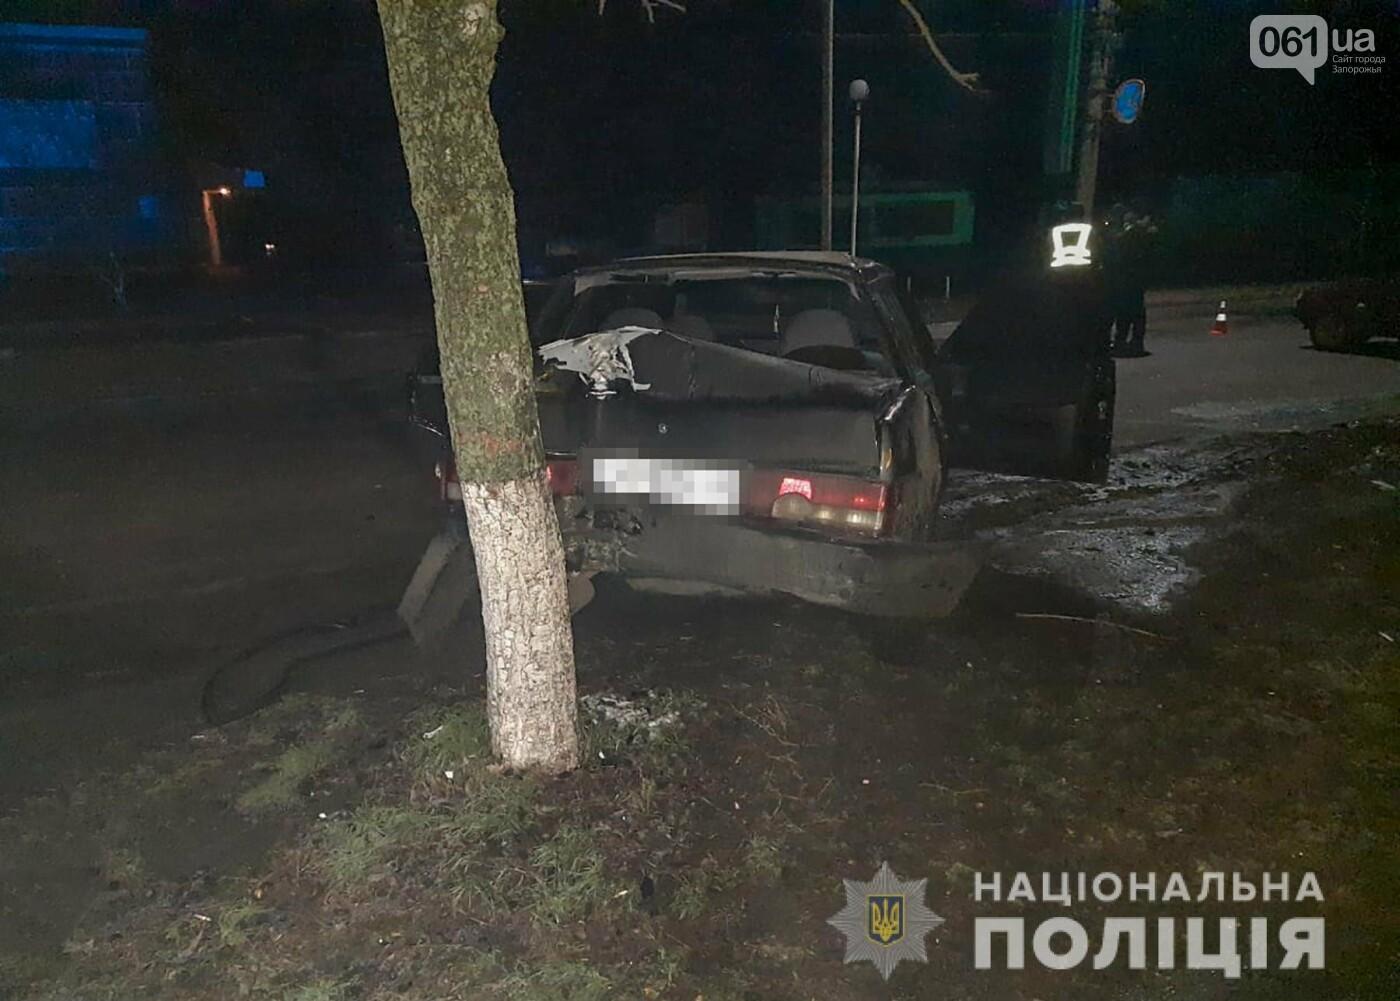 В Запорожской области пьяный водитель ВАЗа насмерть сбил велосипедистку, фото-2